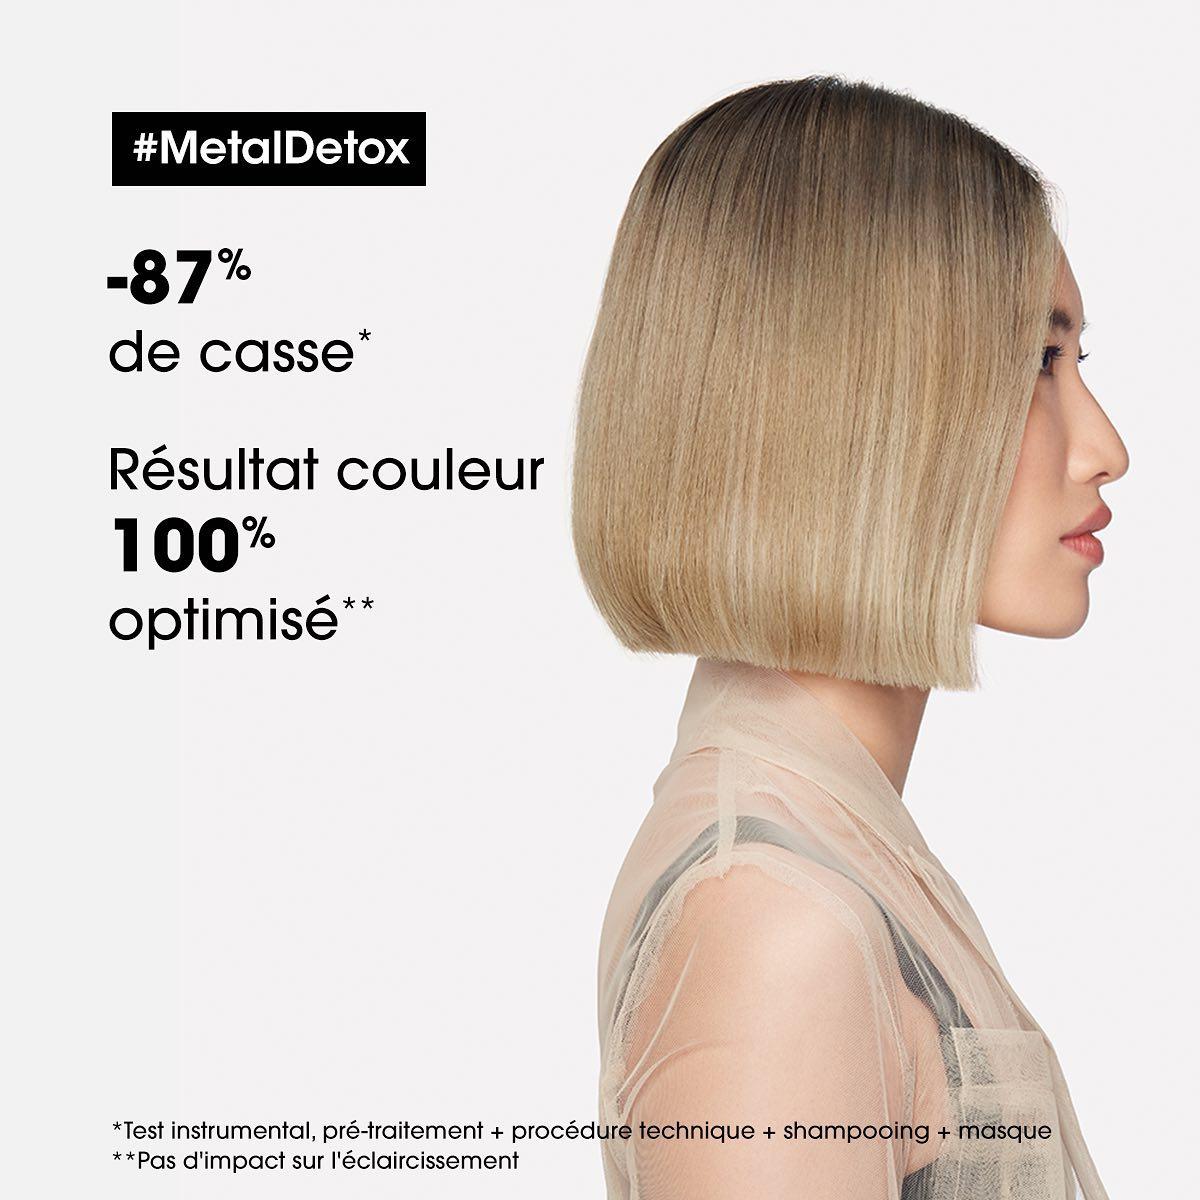 Soin L'Oréal Metal Detox anti casse